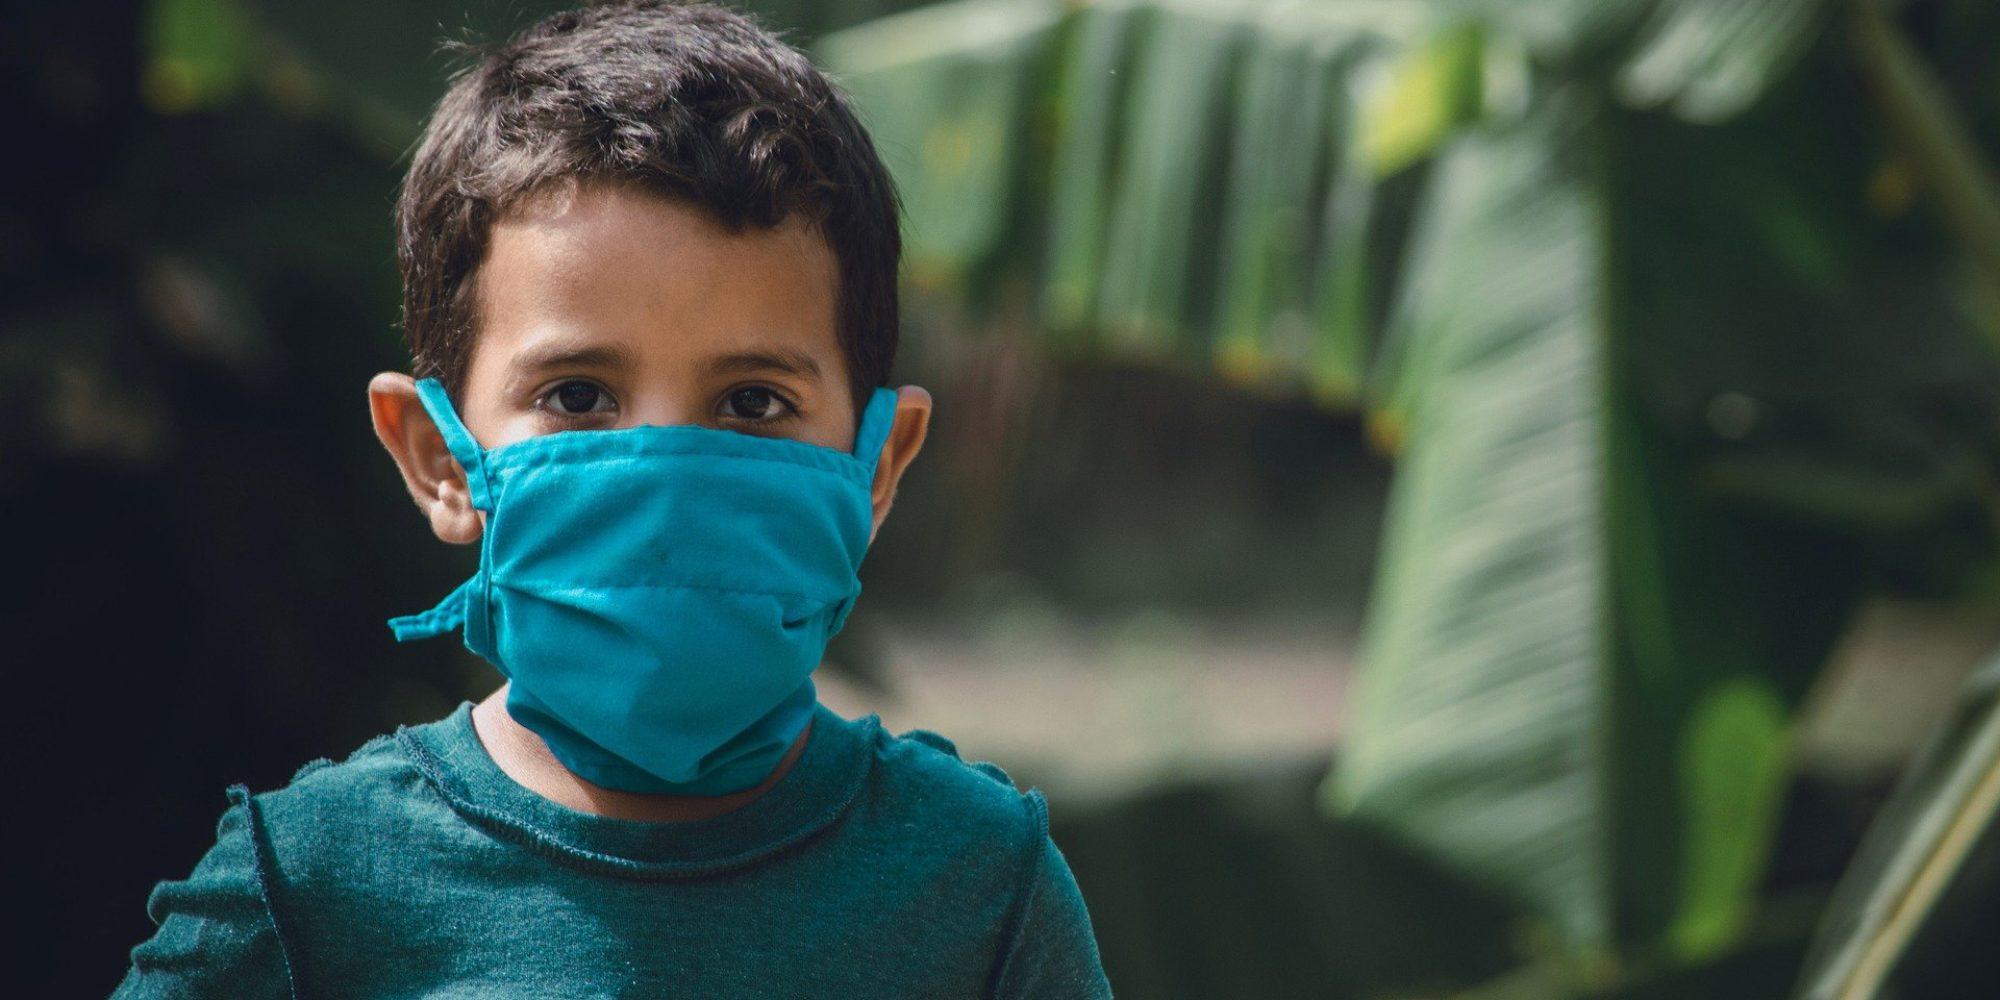 enfants-masques-coronavirus